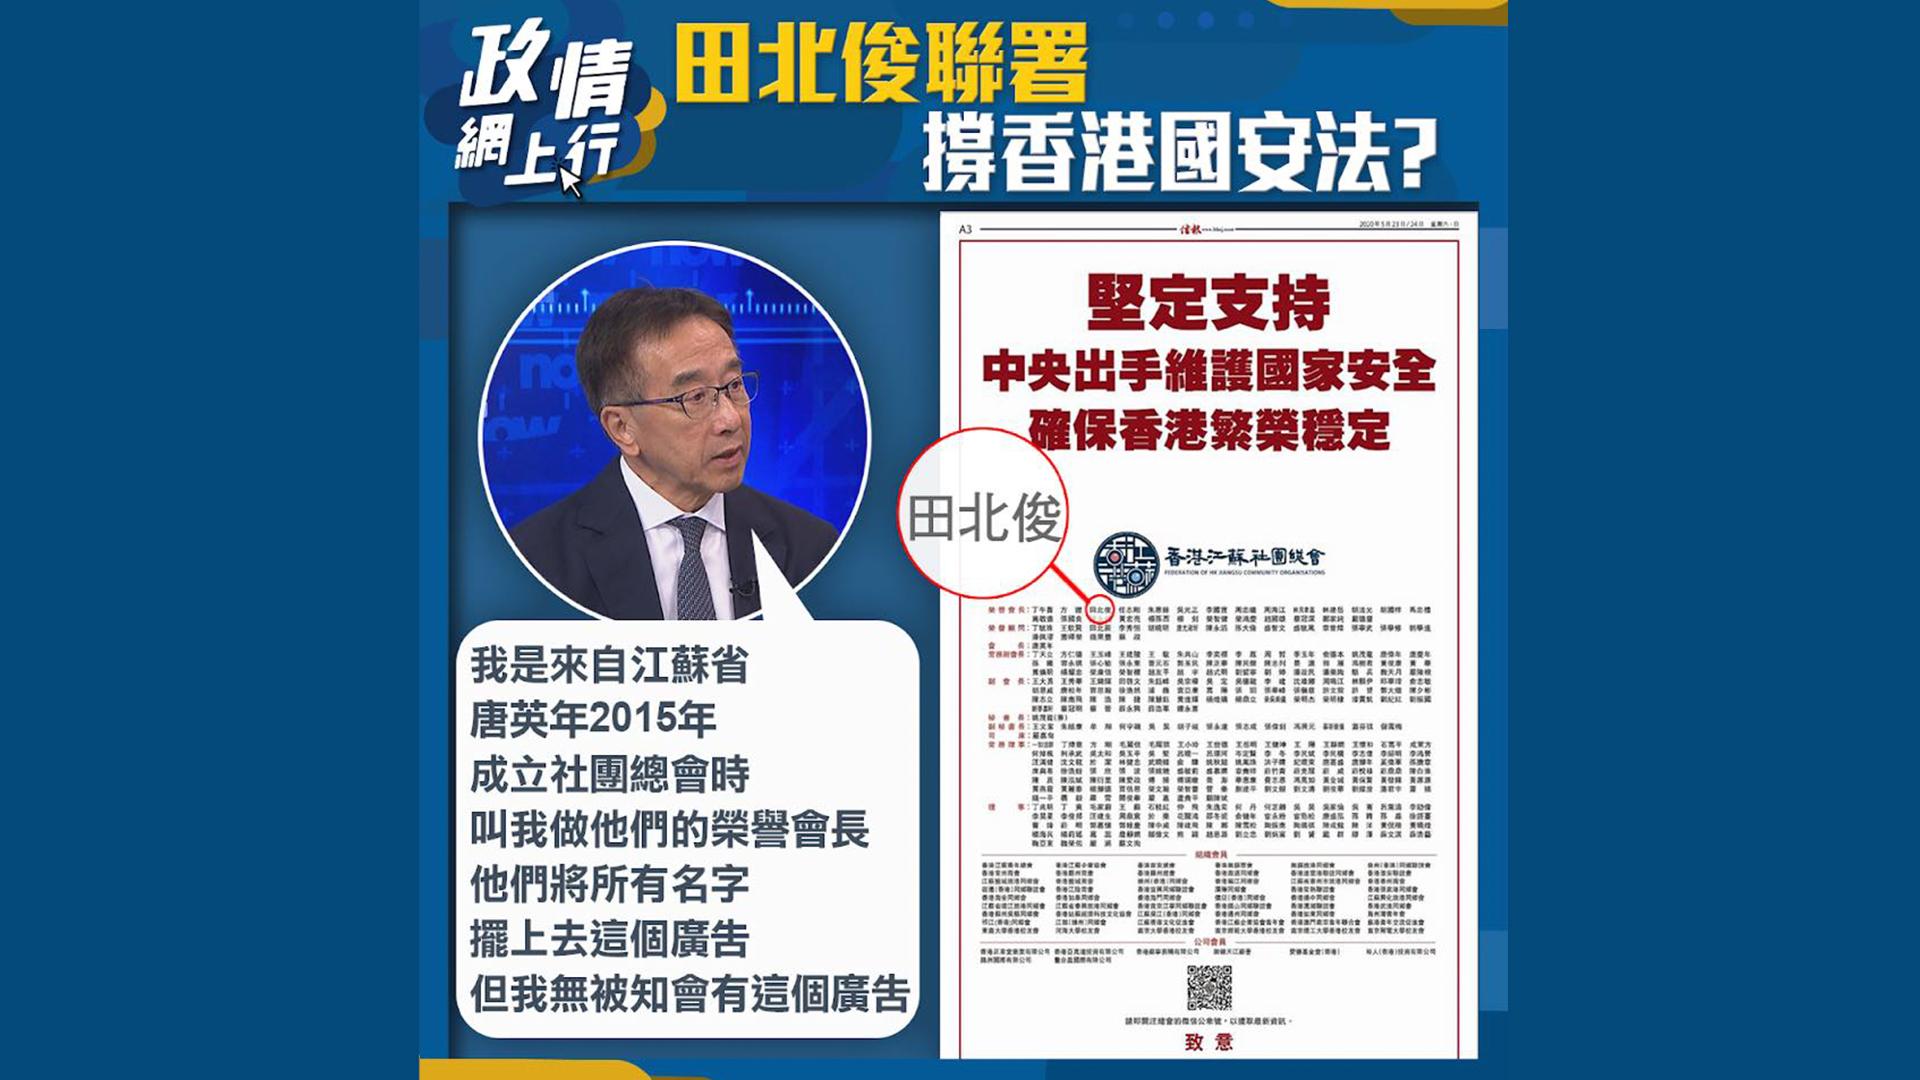 【政情網上行】田北俊聯署 撐香港國安法?